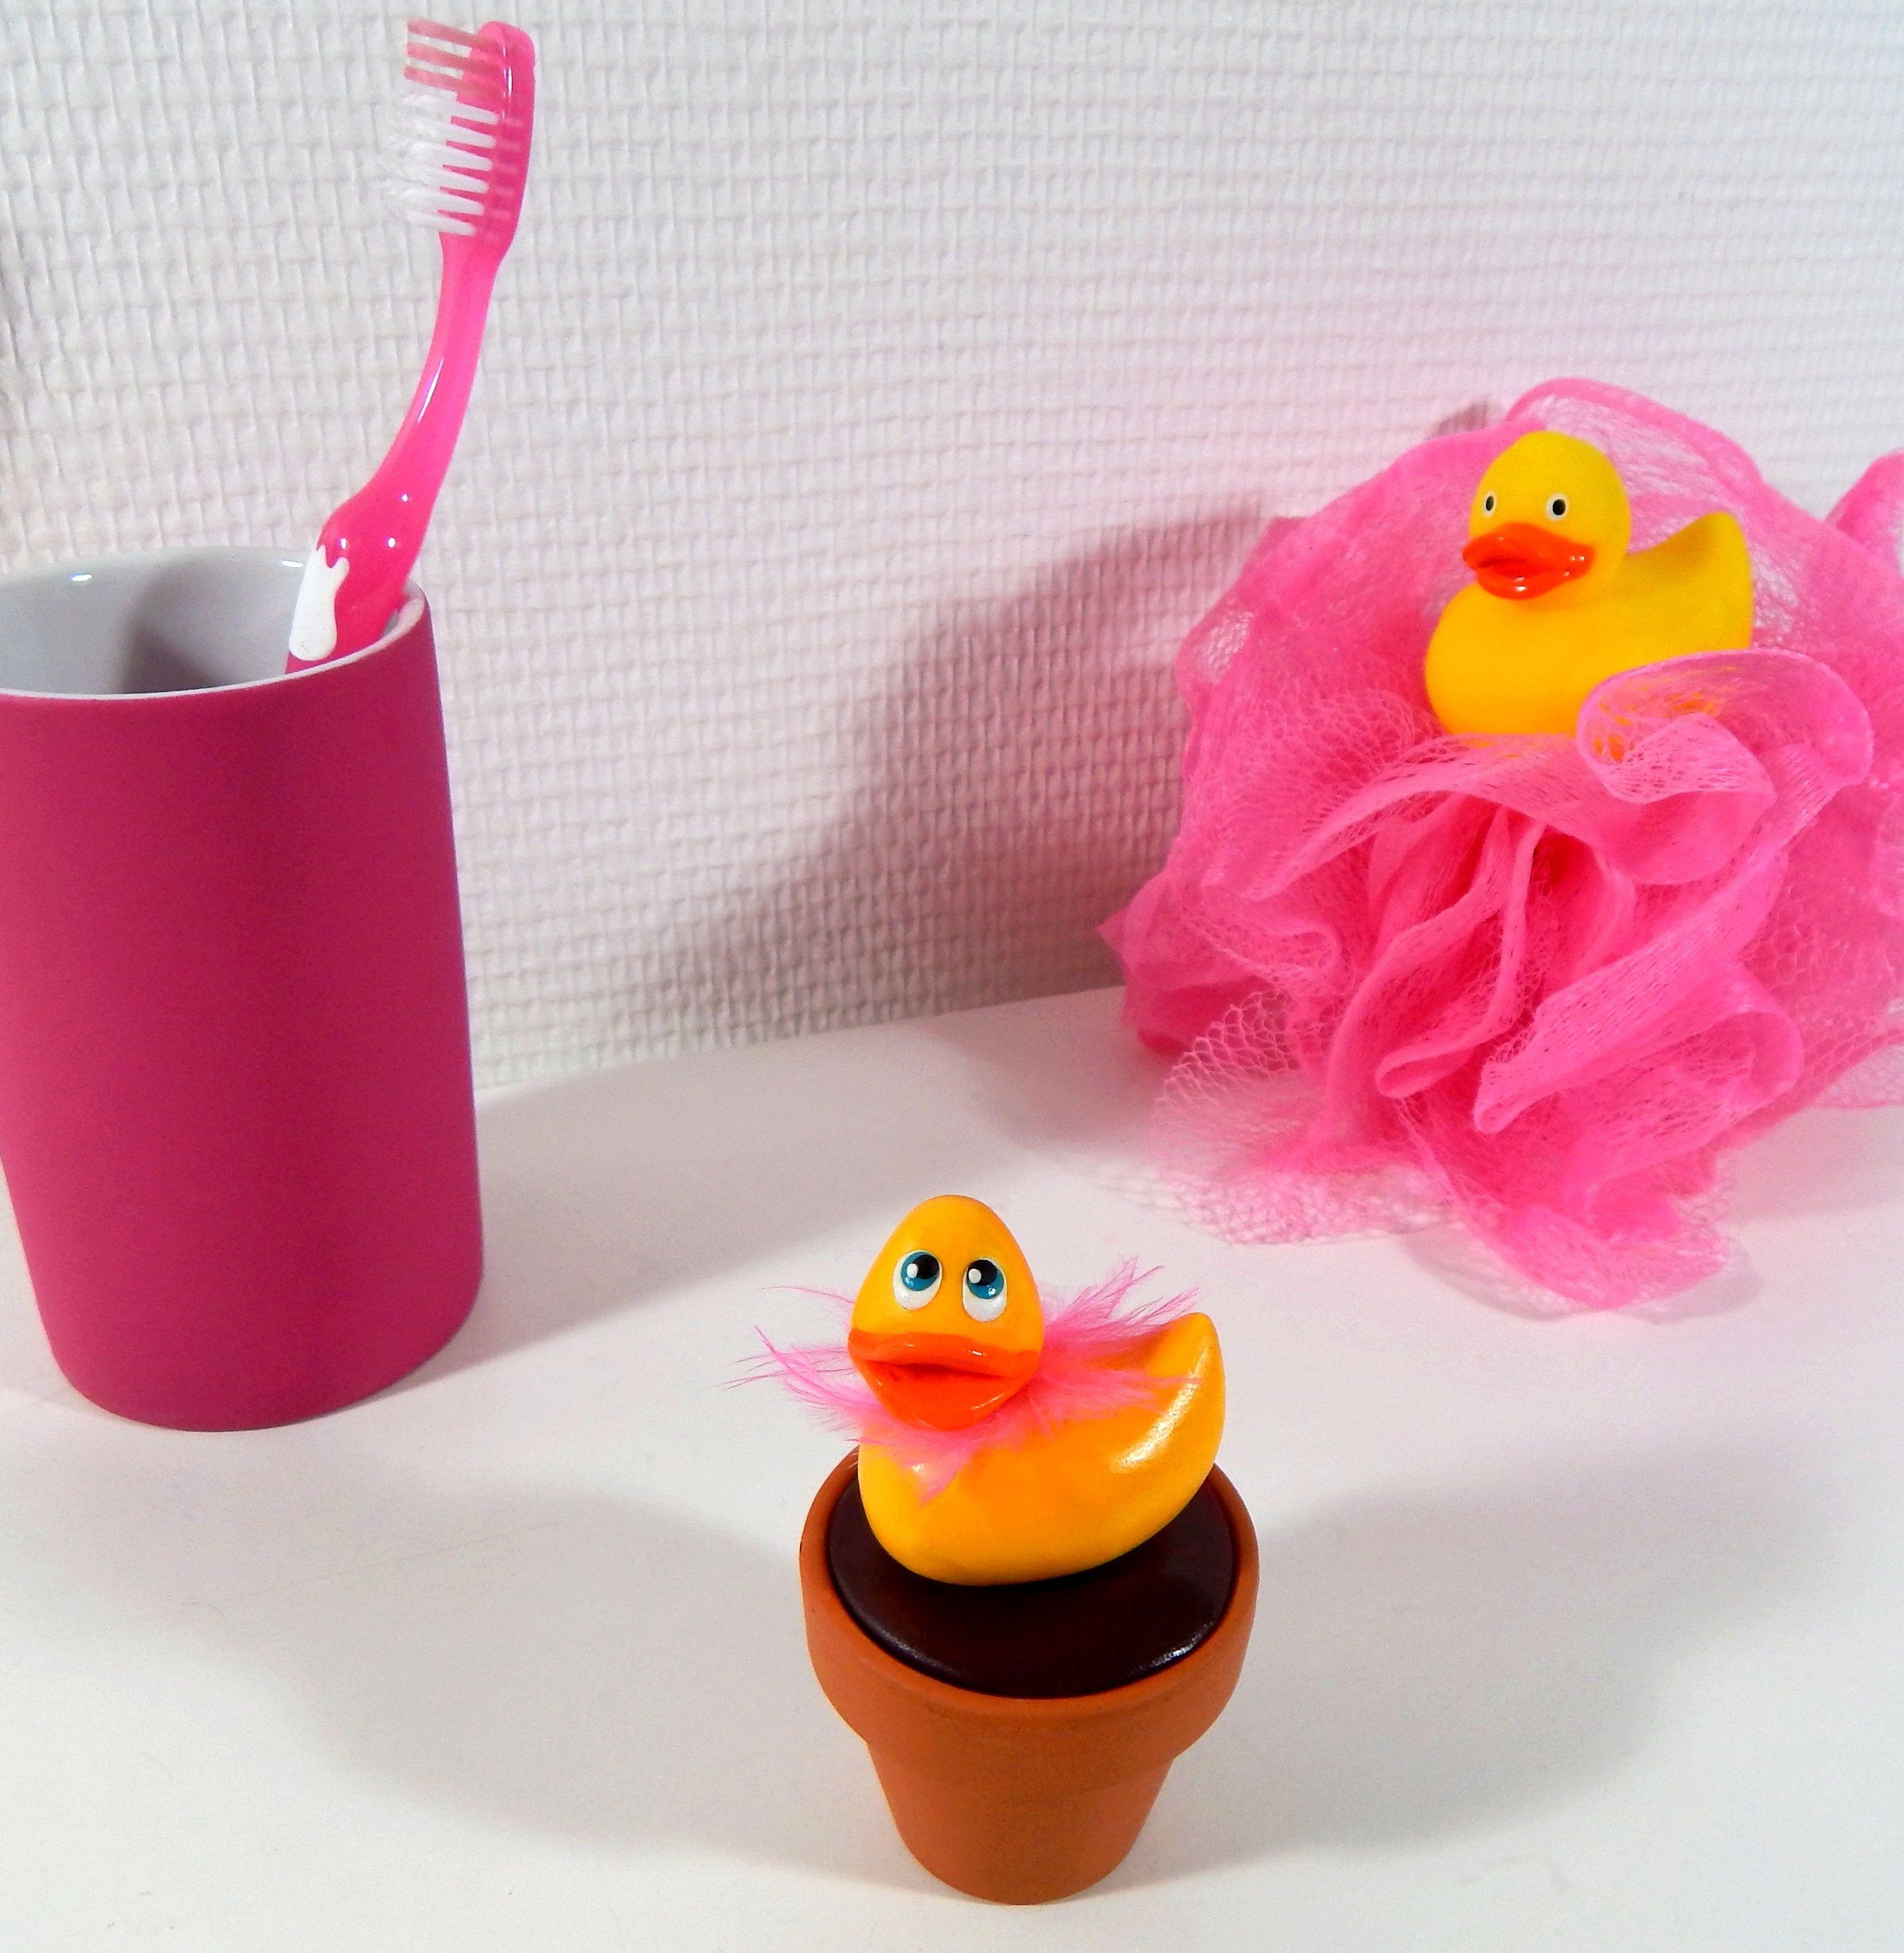 Canard de bain jaune en fimo, pour donner une petite touche rigolote et coquine à votre salle de bain !